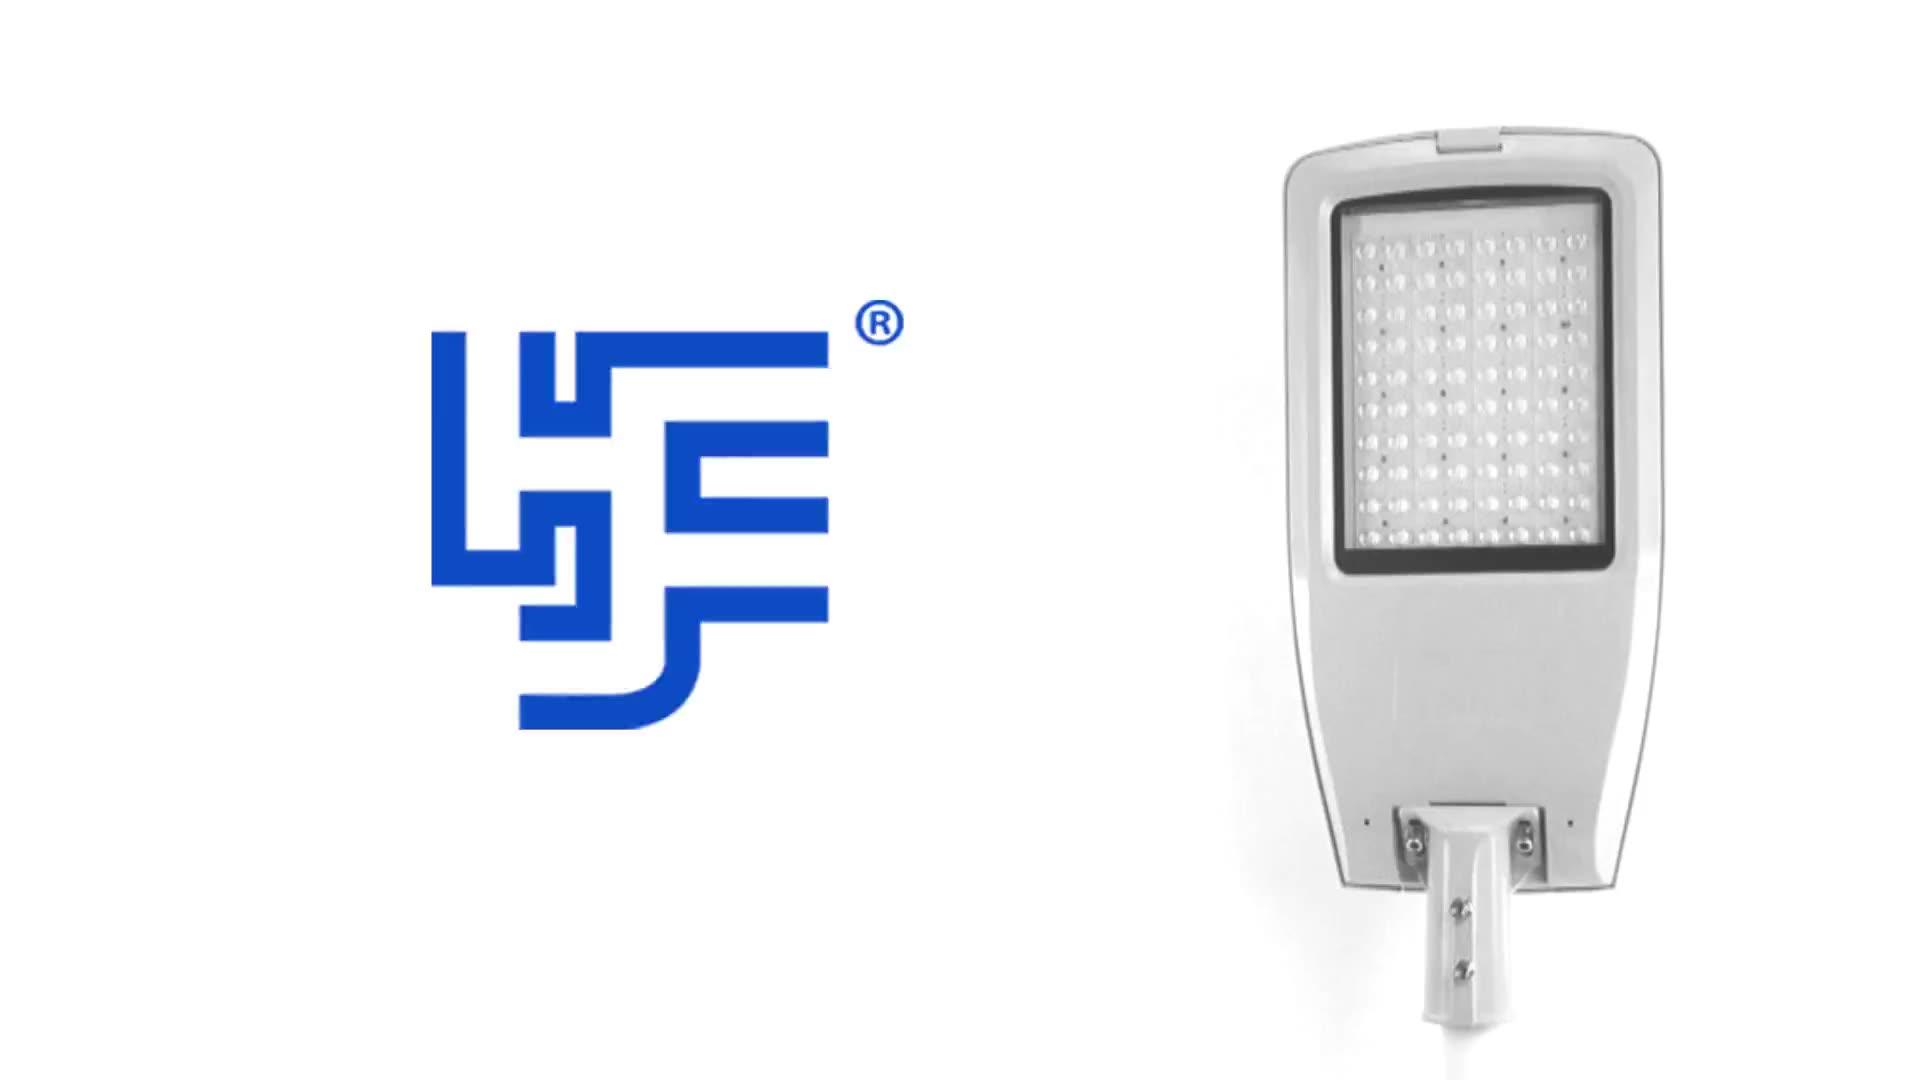 Ip67 Waterdichte Outdoor Spuitgieten Aluminium Behuizing Gehard Glas Smd Goede Prijs Voor Straatverlichting Led Licht